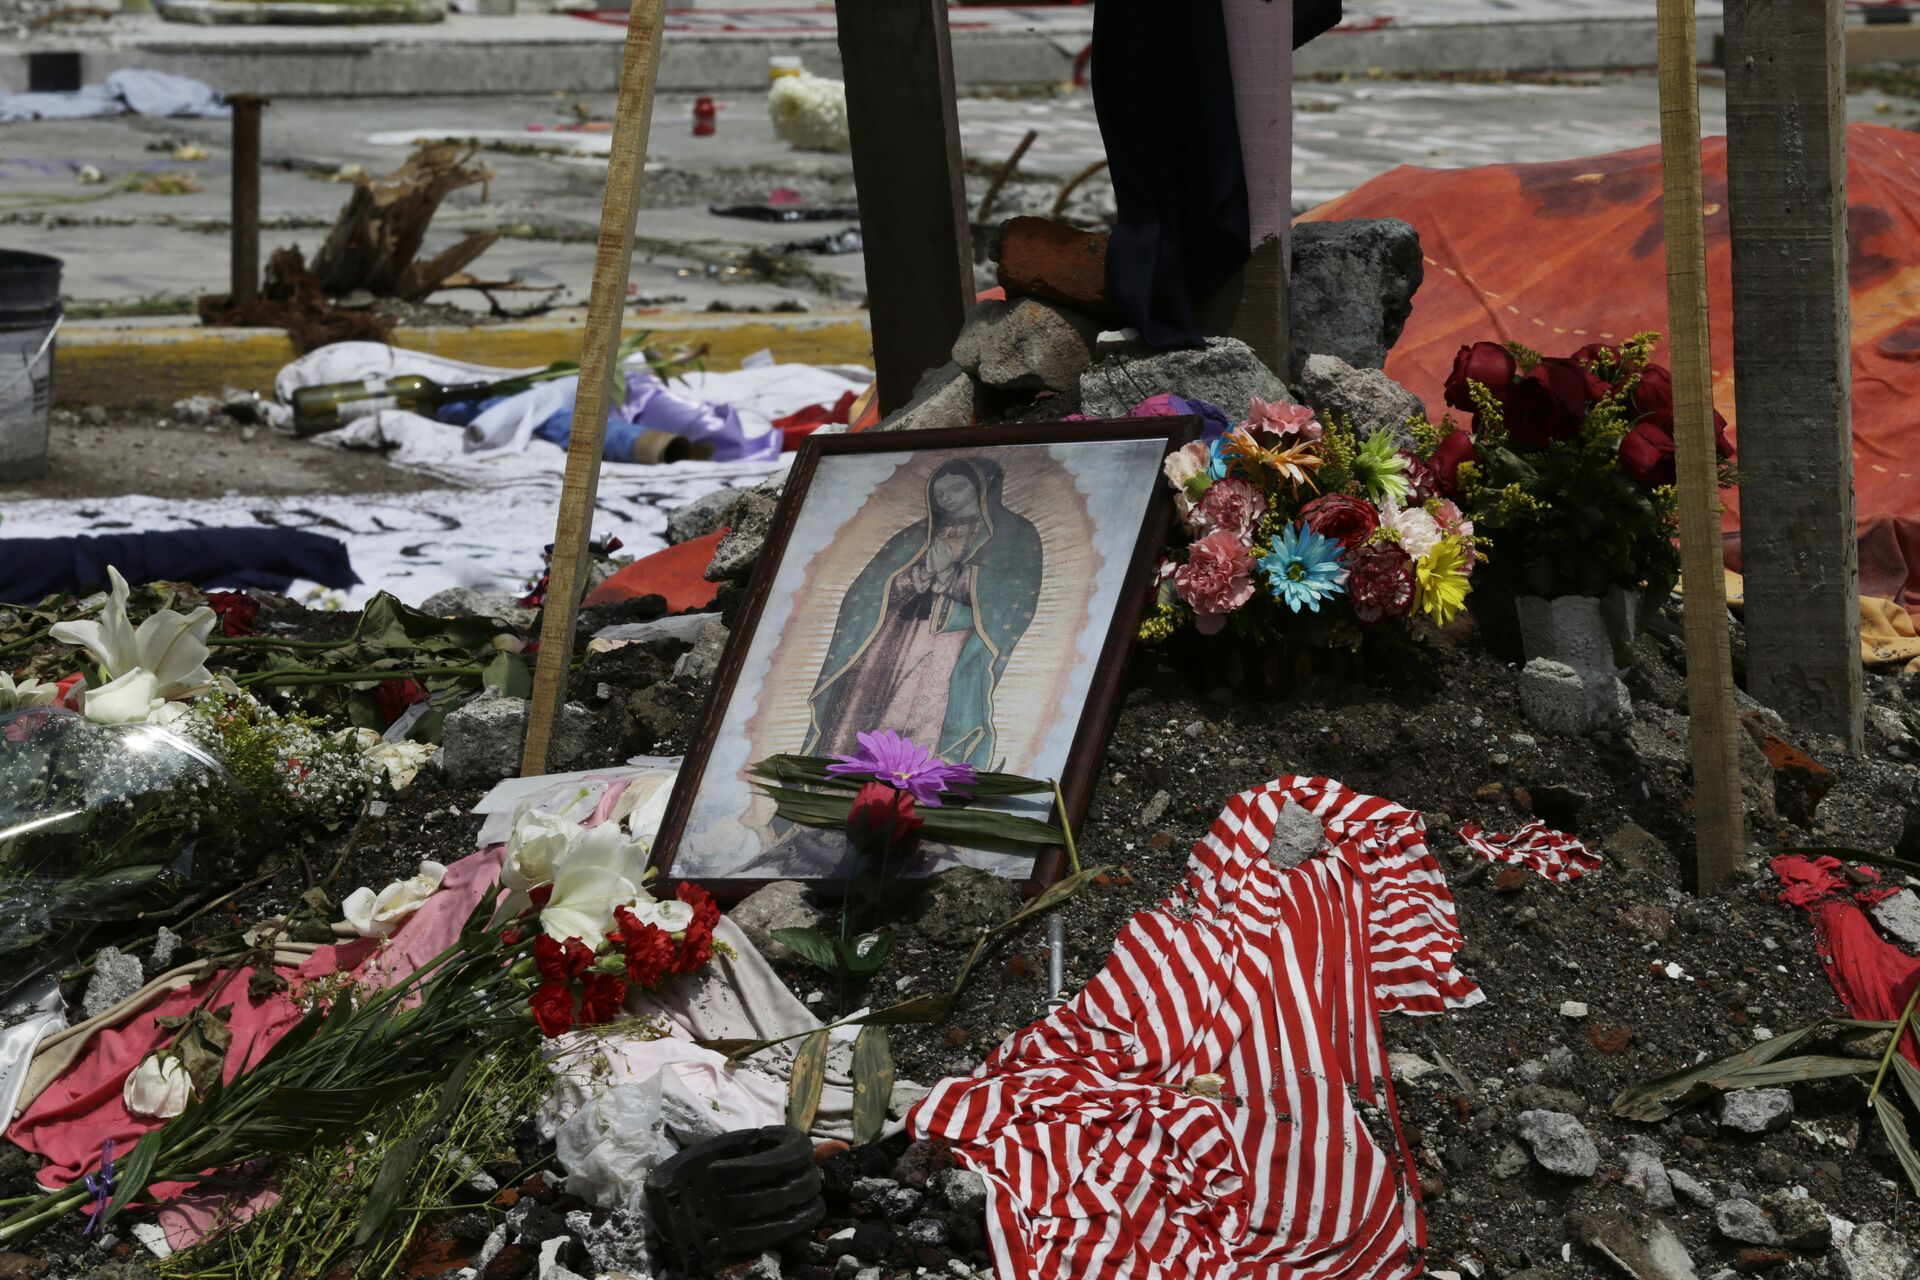 Homenaje a las víctimas del terremoto en México - Sputnik Mundo, 1920, 08.09.2021